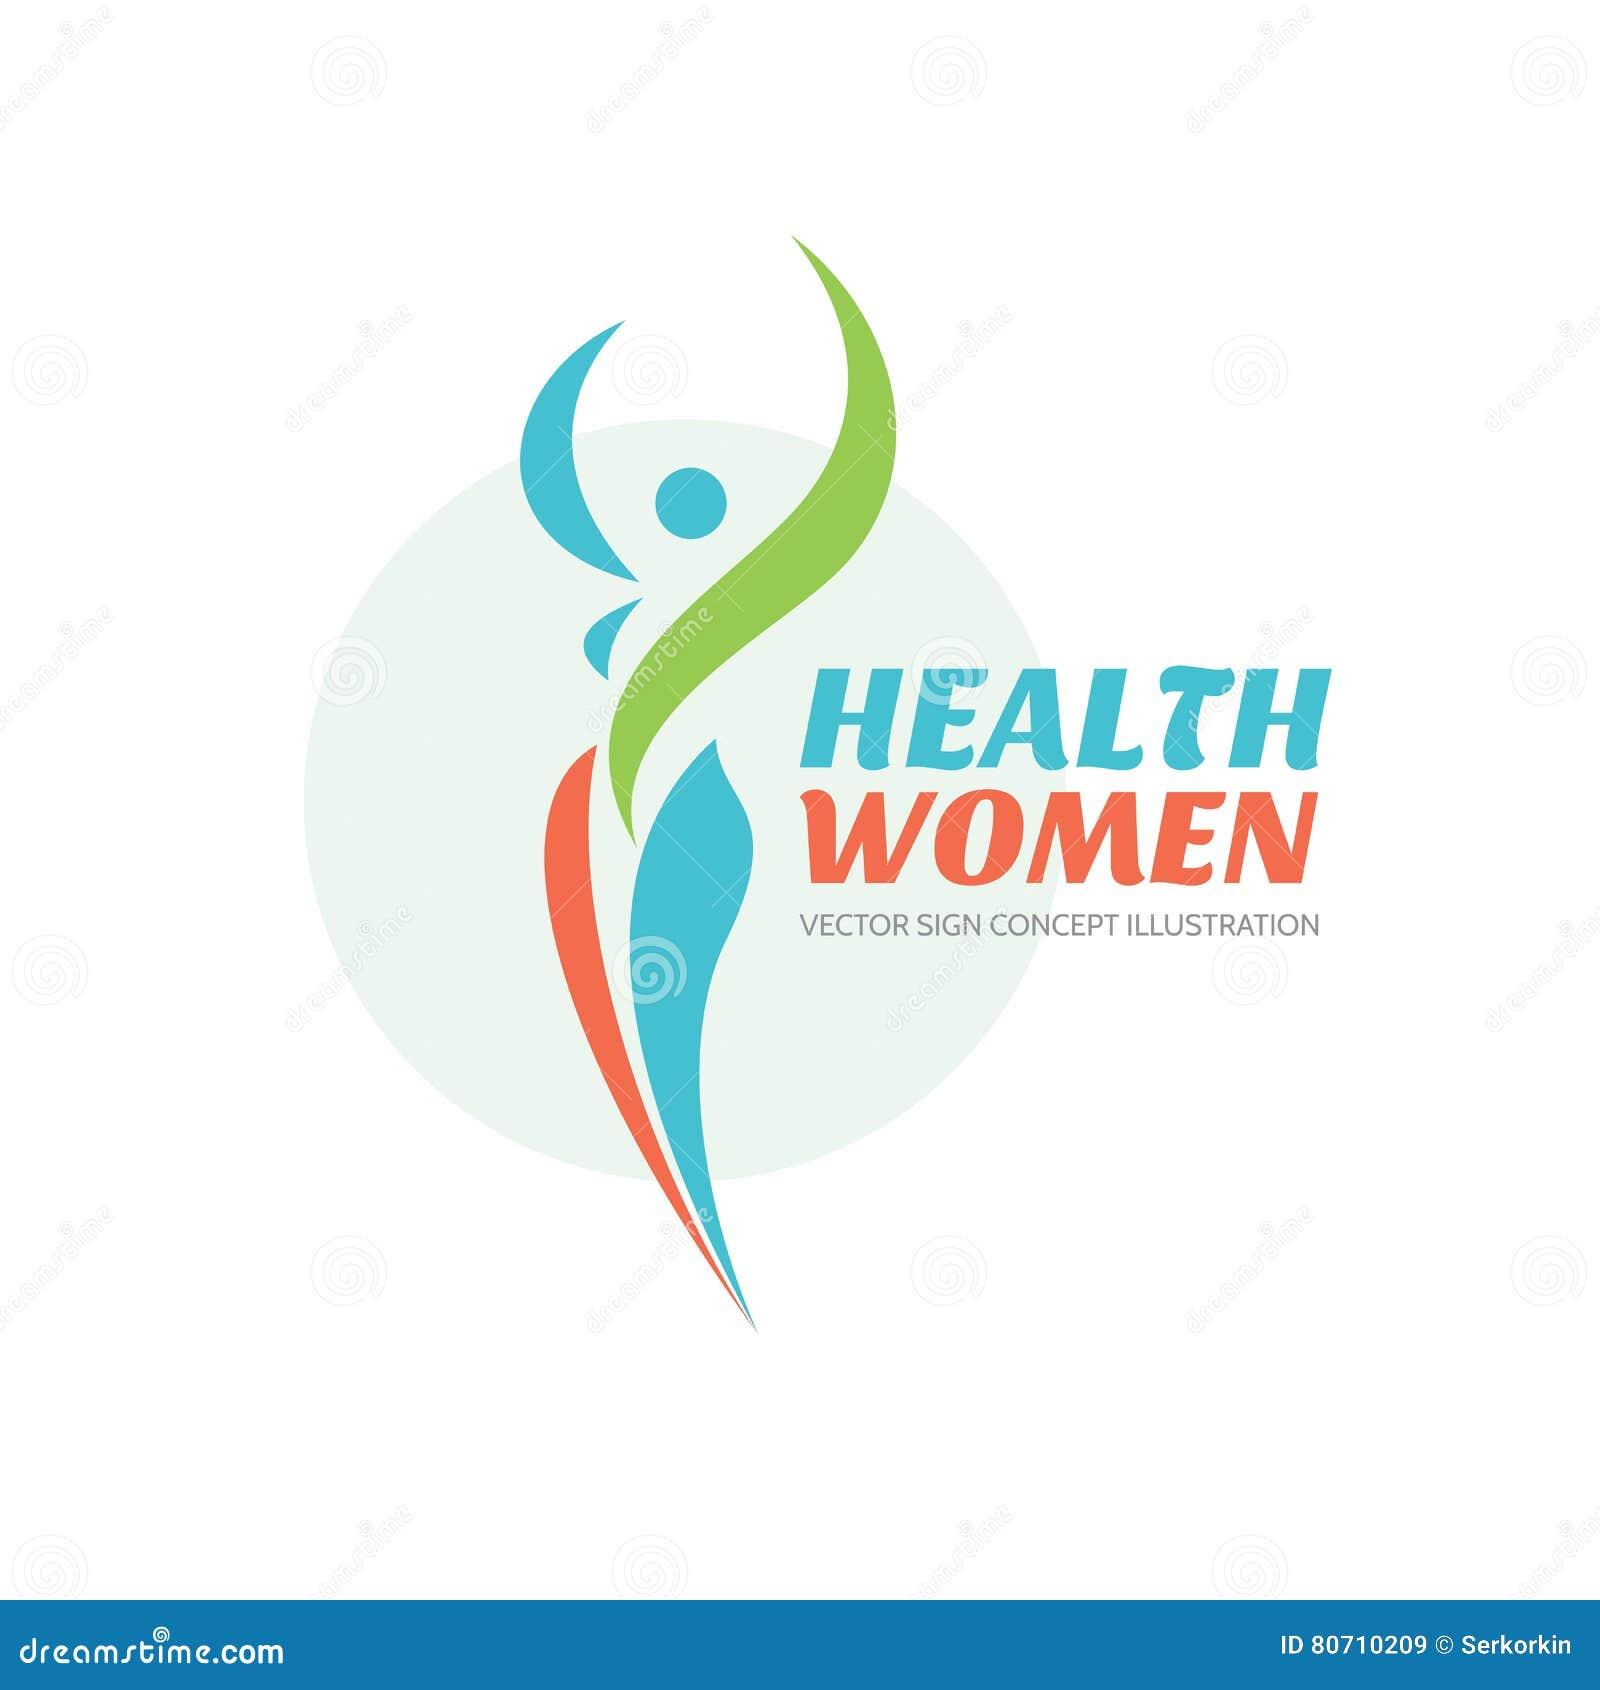 Женщины здоровья - шаблон логотипа вектора здоровый знак Символ салона красоты Иллюстрация концепции женщины фитнеса человеческий